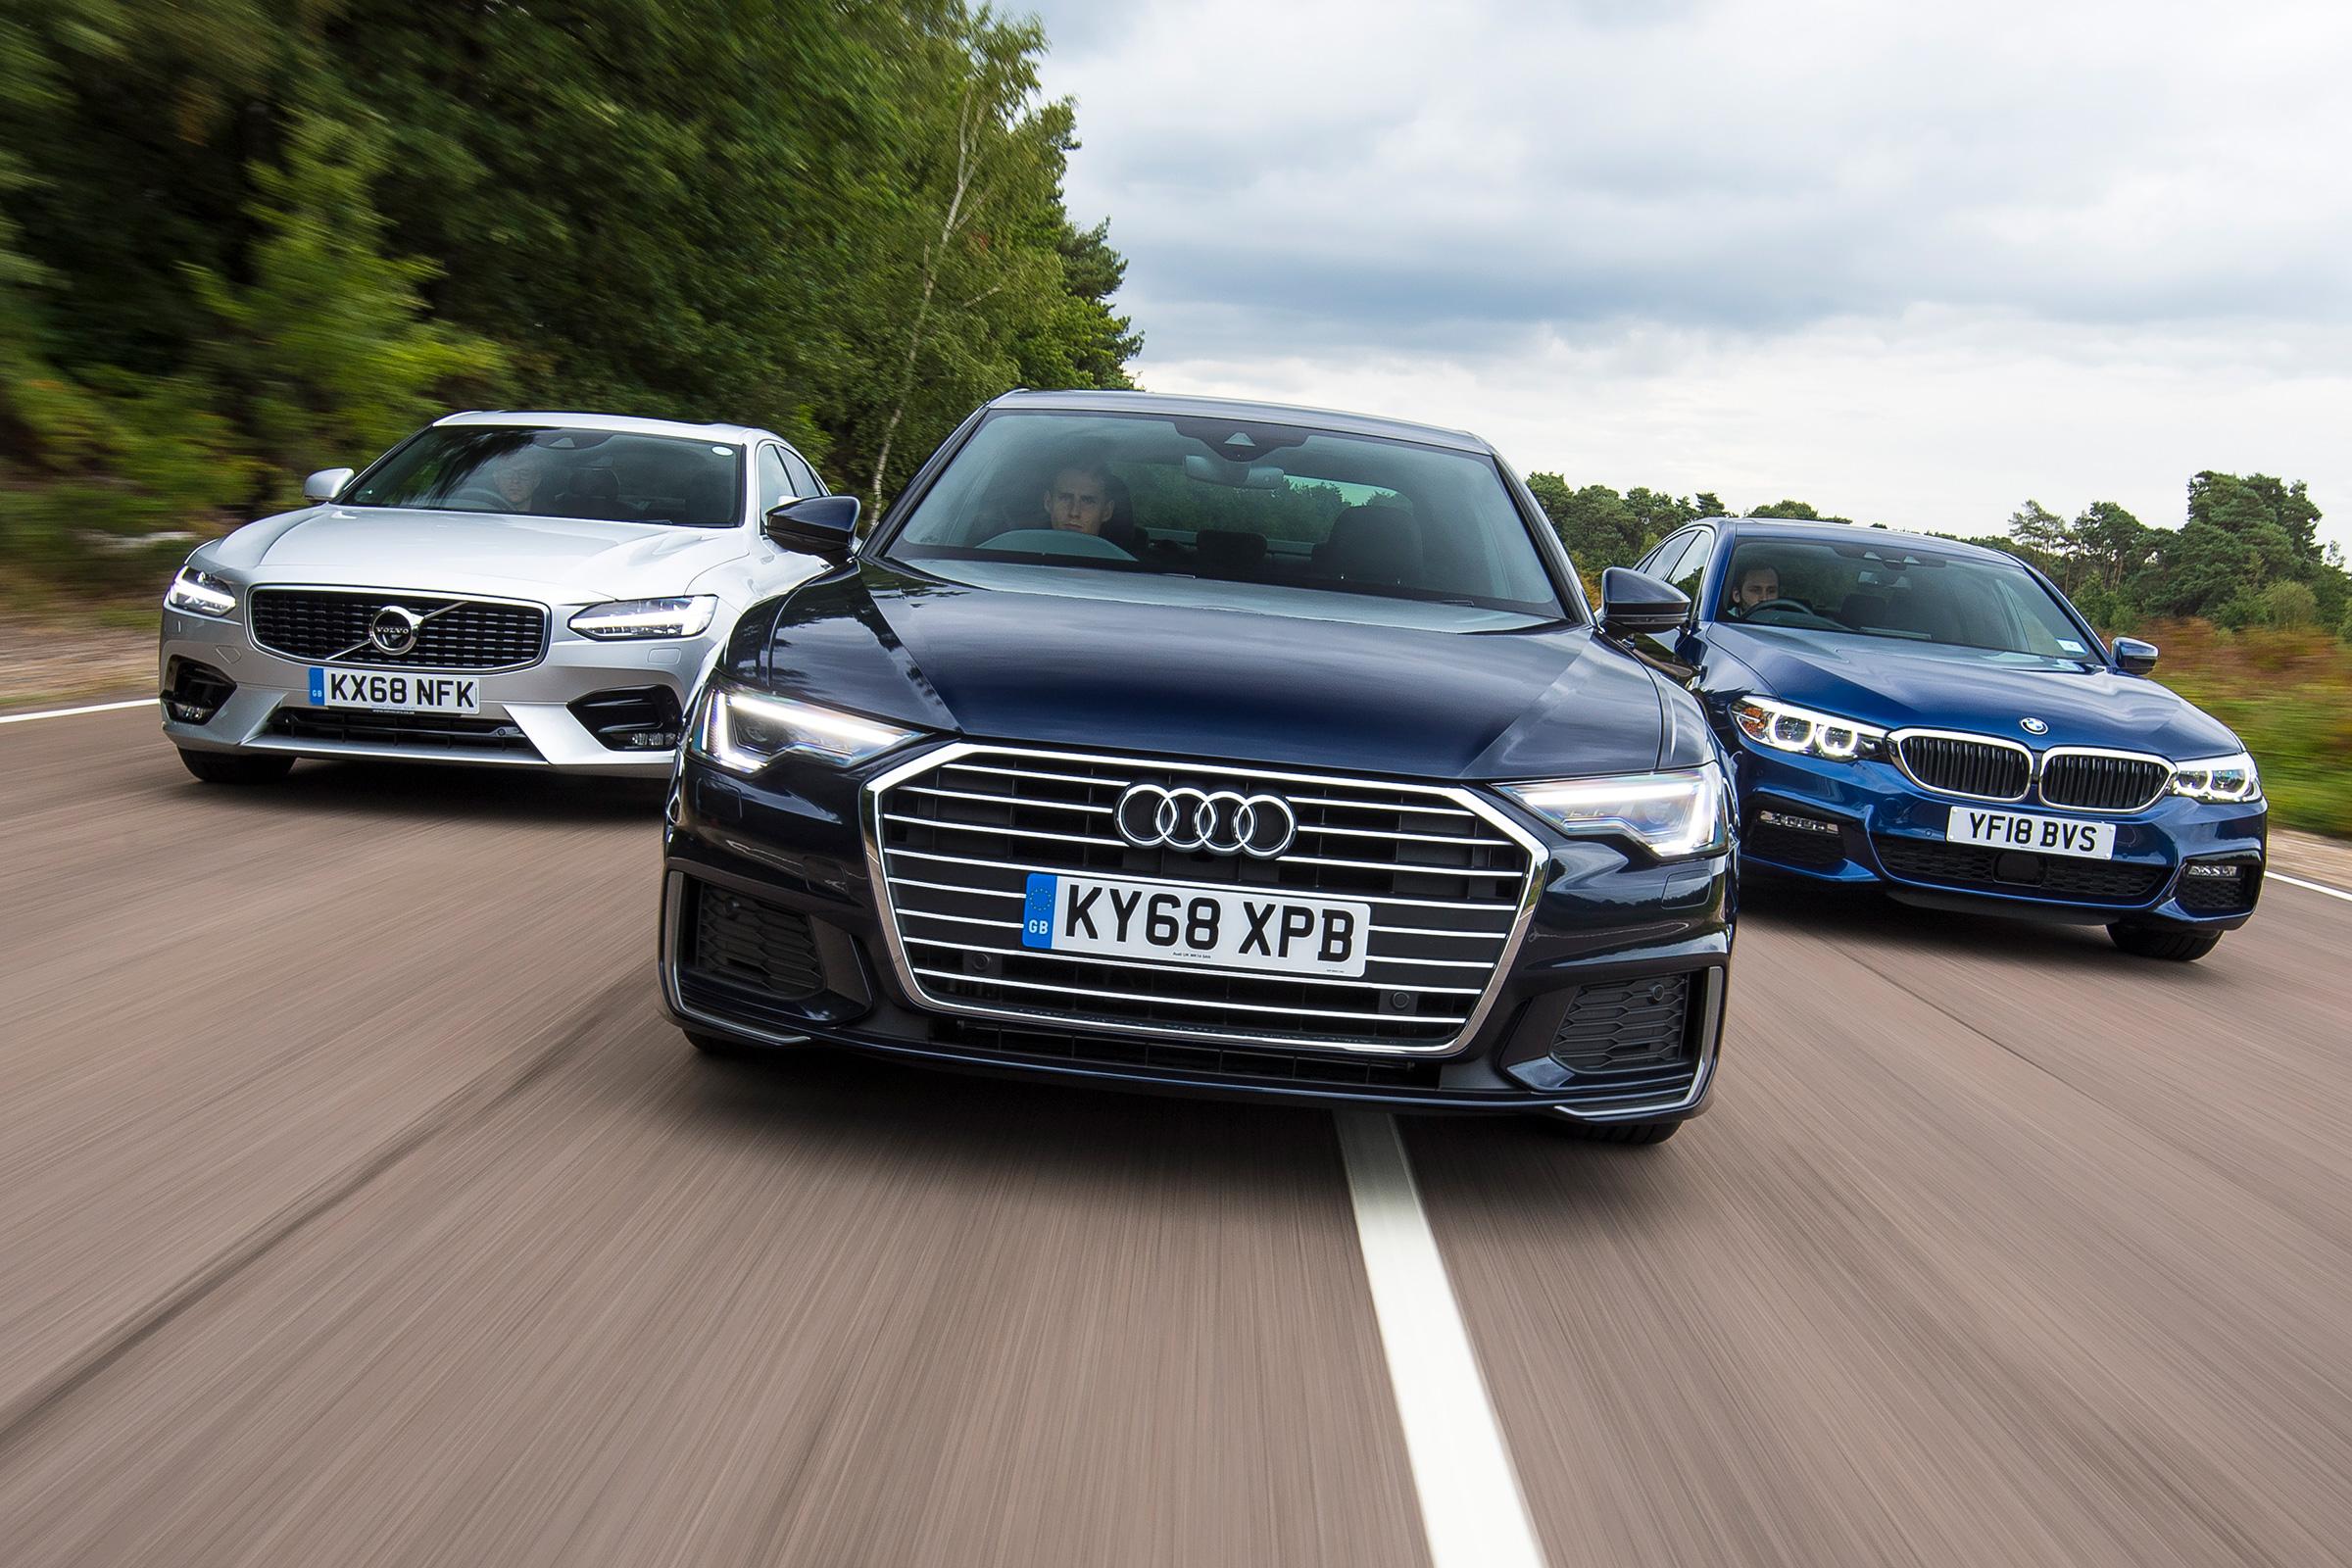 Kelebihan Kekurangan Audi Bmw Perbandingan Harga